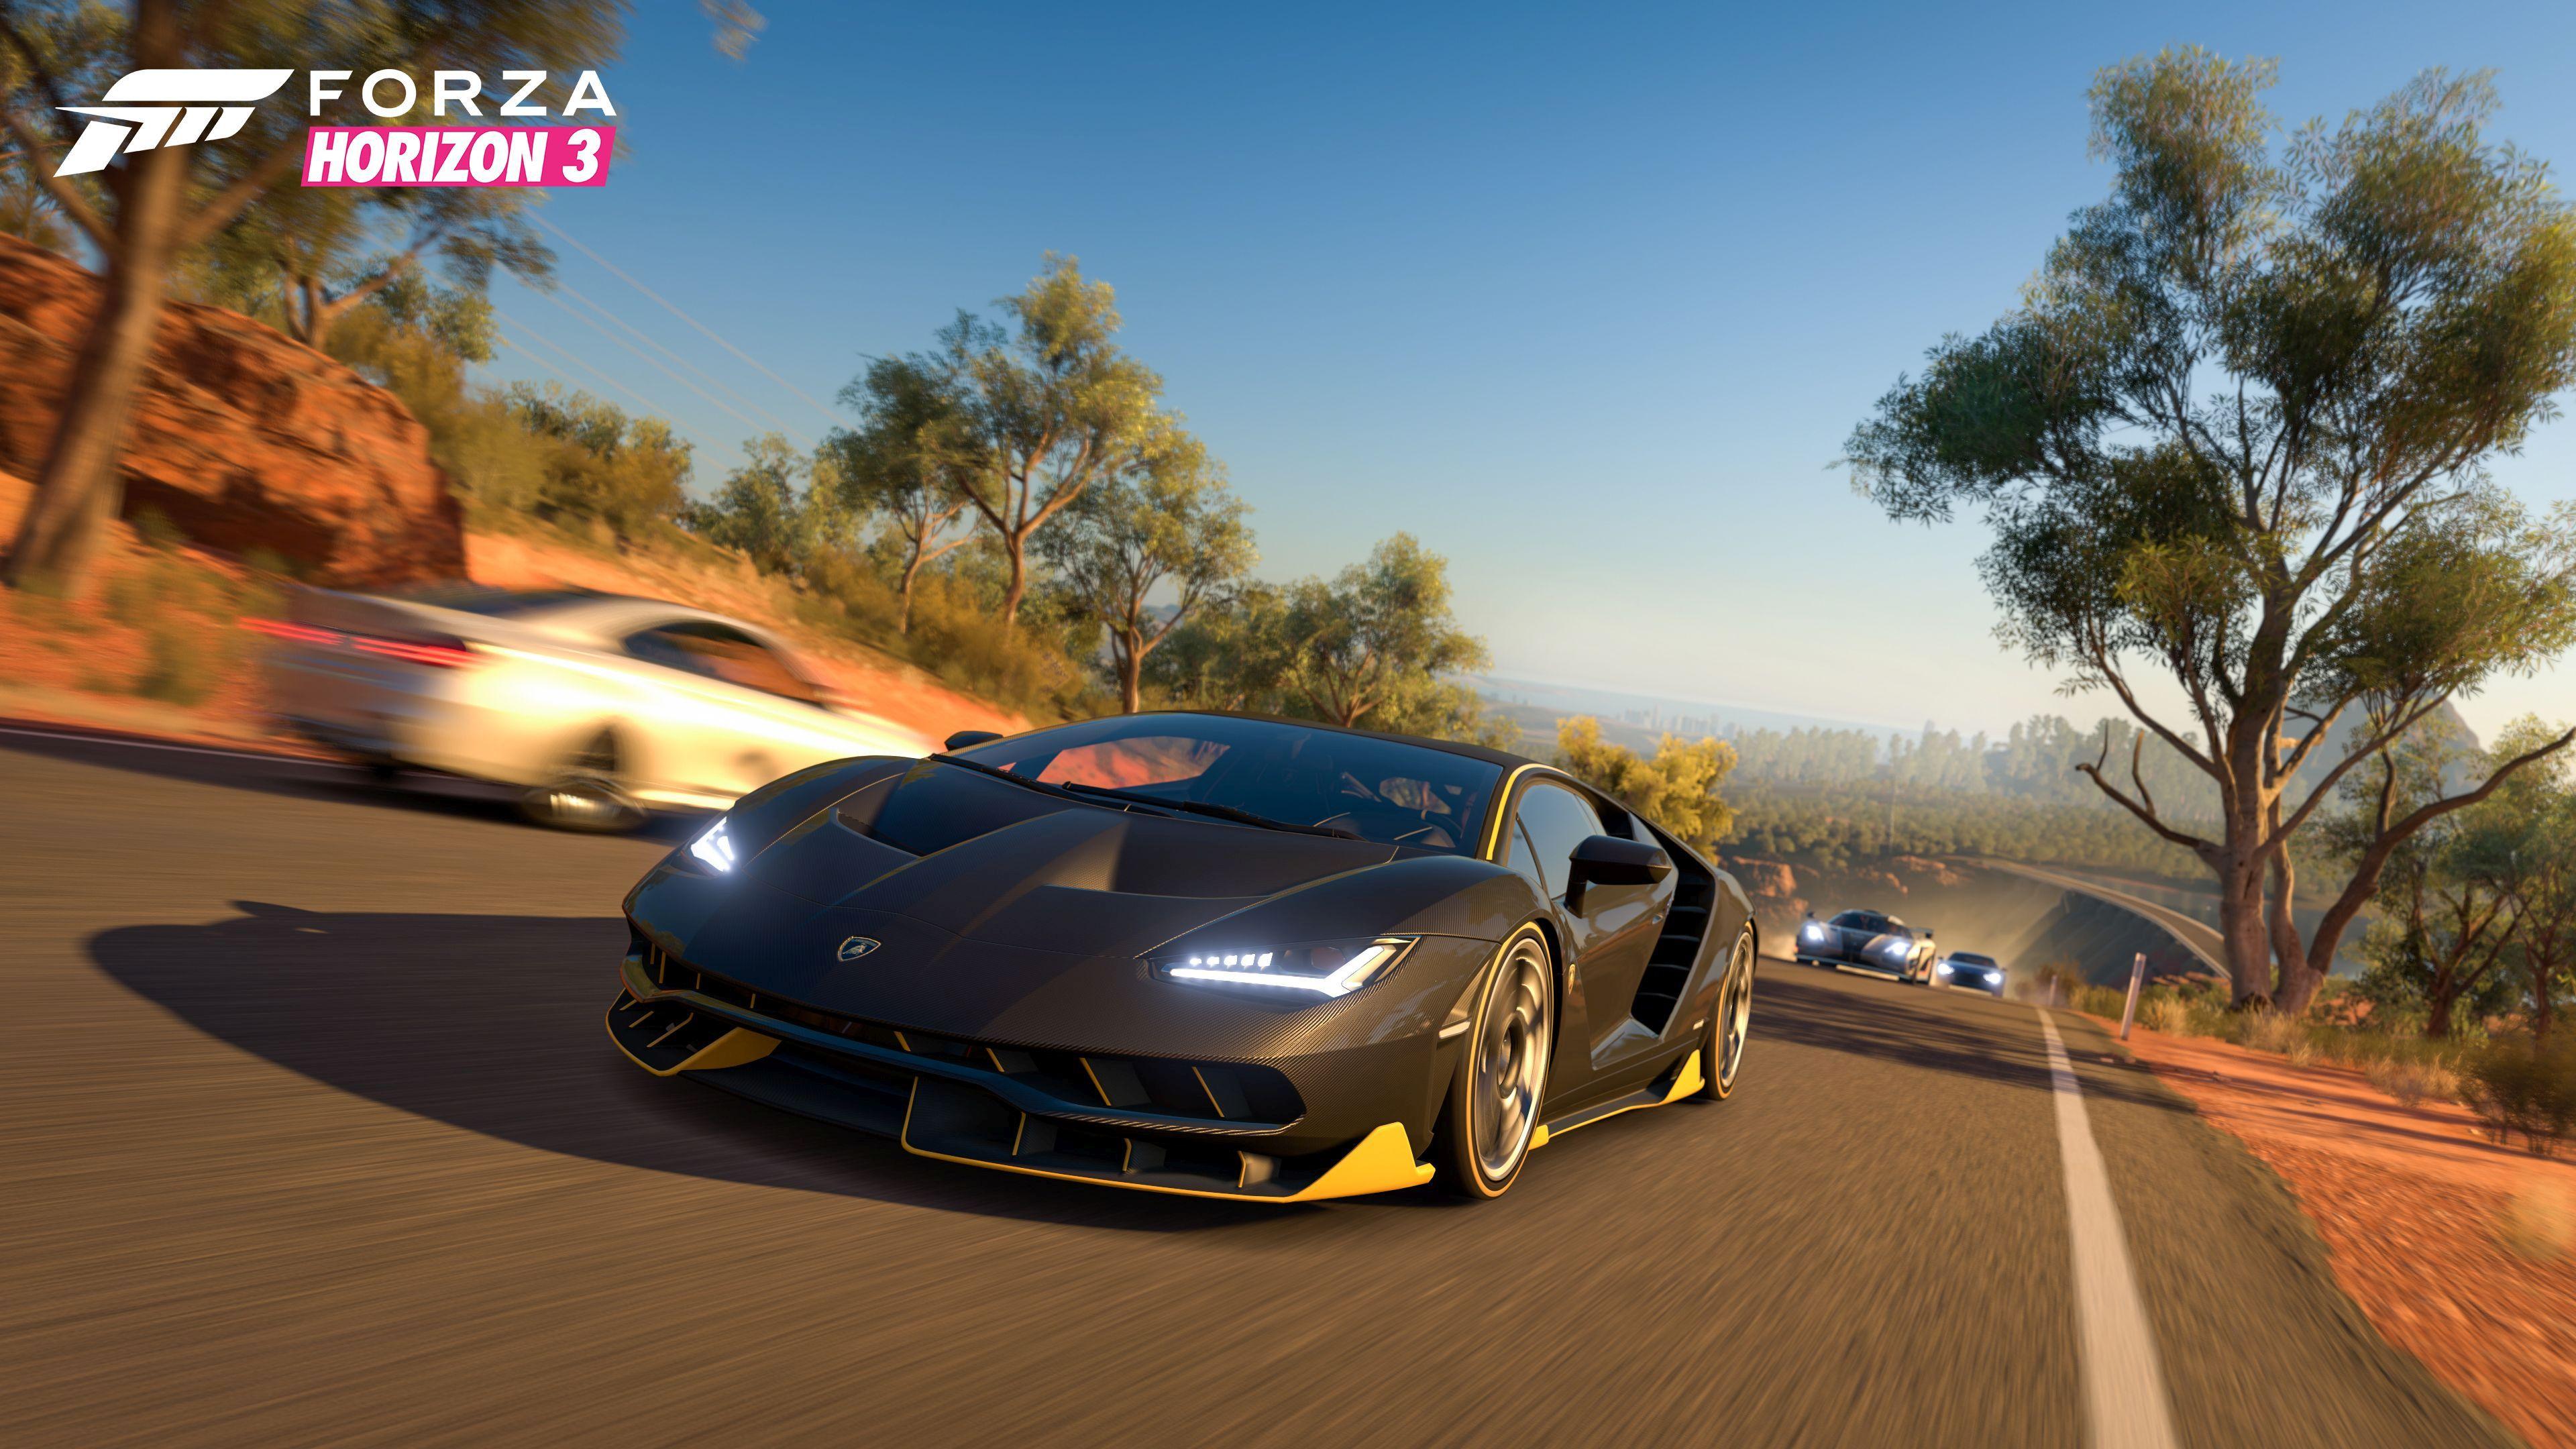 سی دی کی اریجینال بازی Forza Horizon 3 - Ultimate Edition